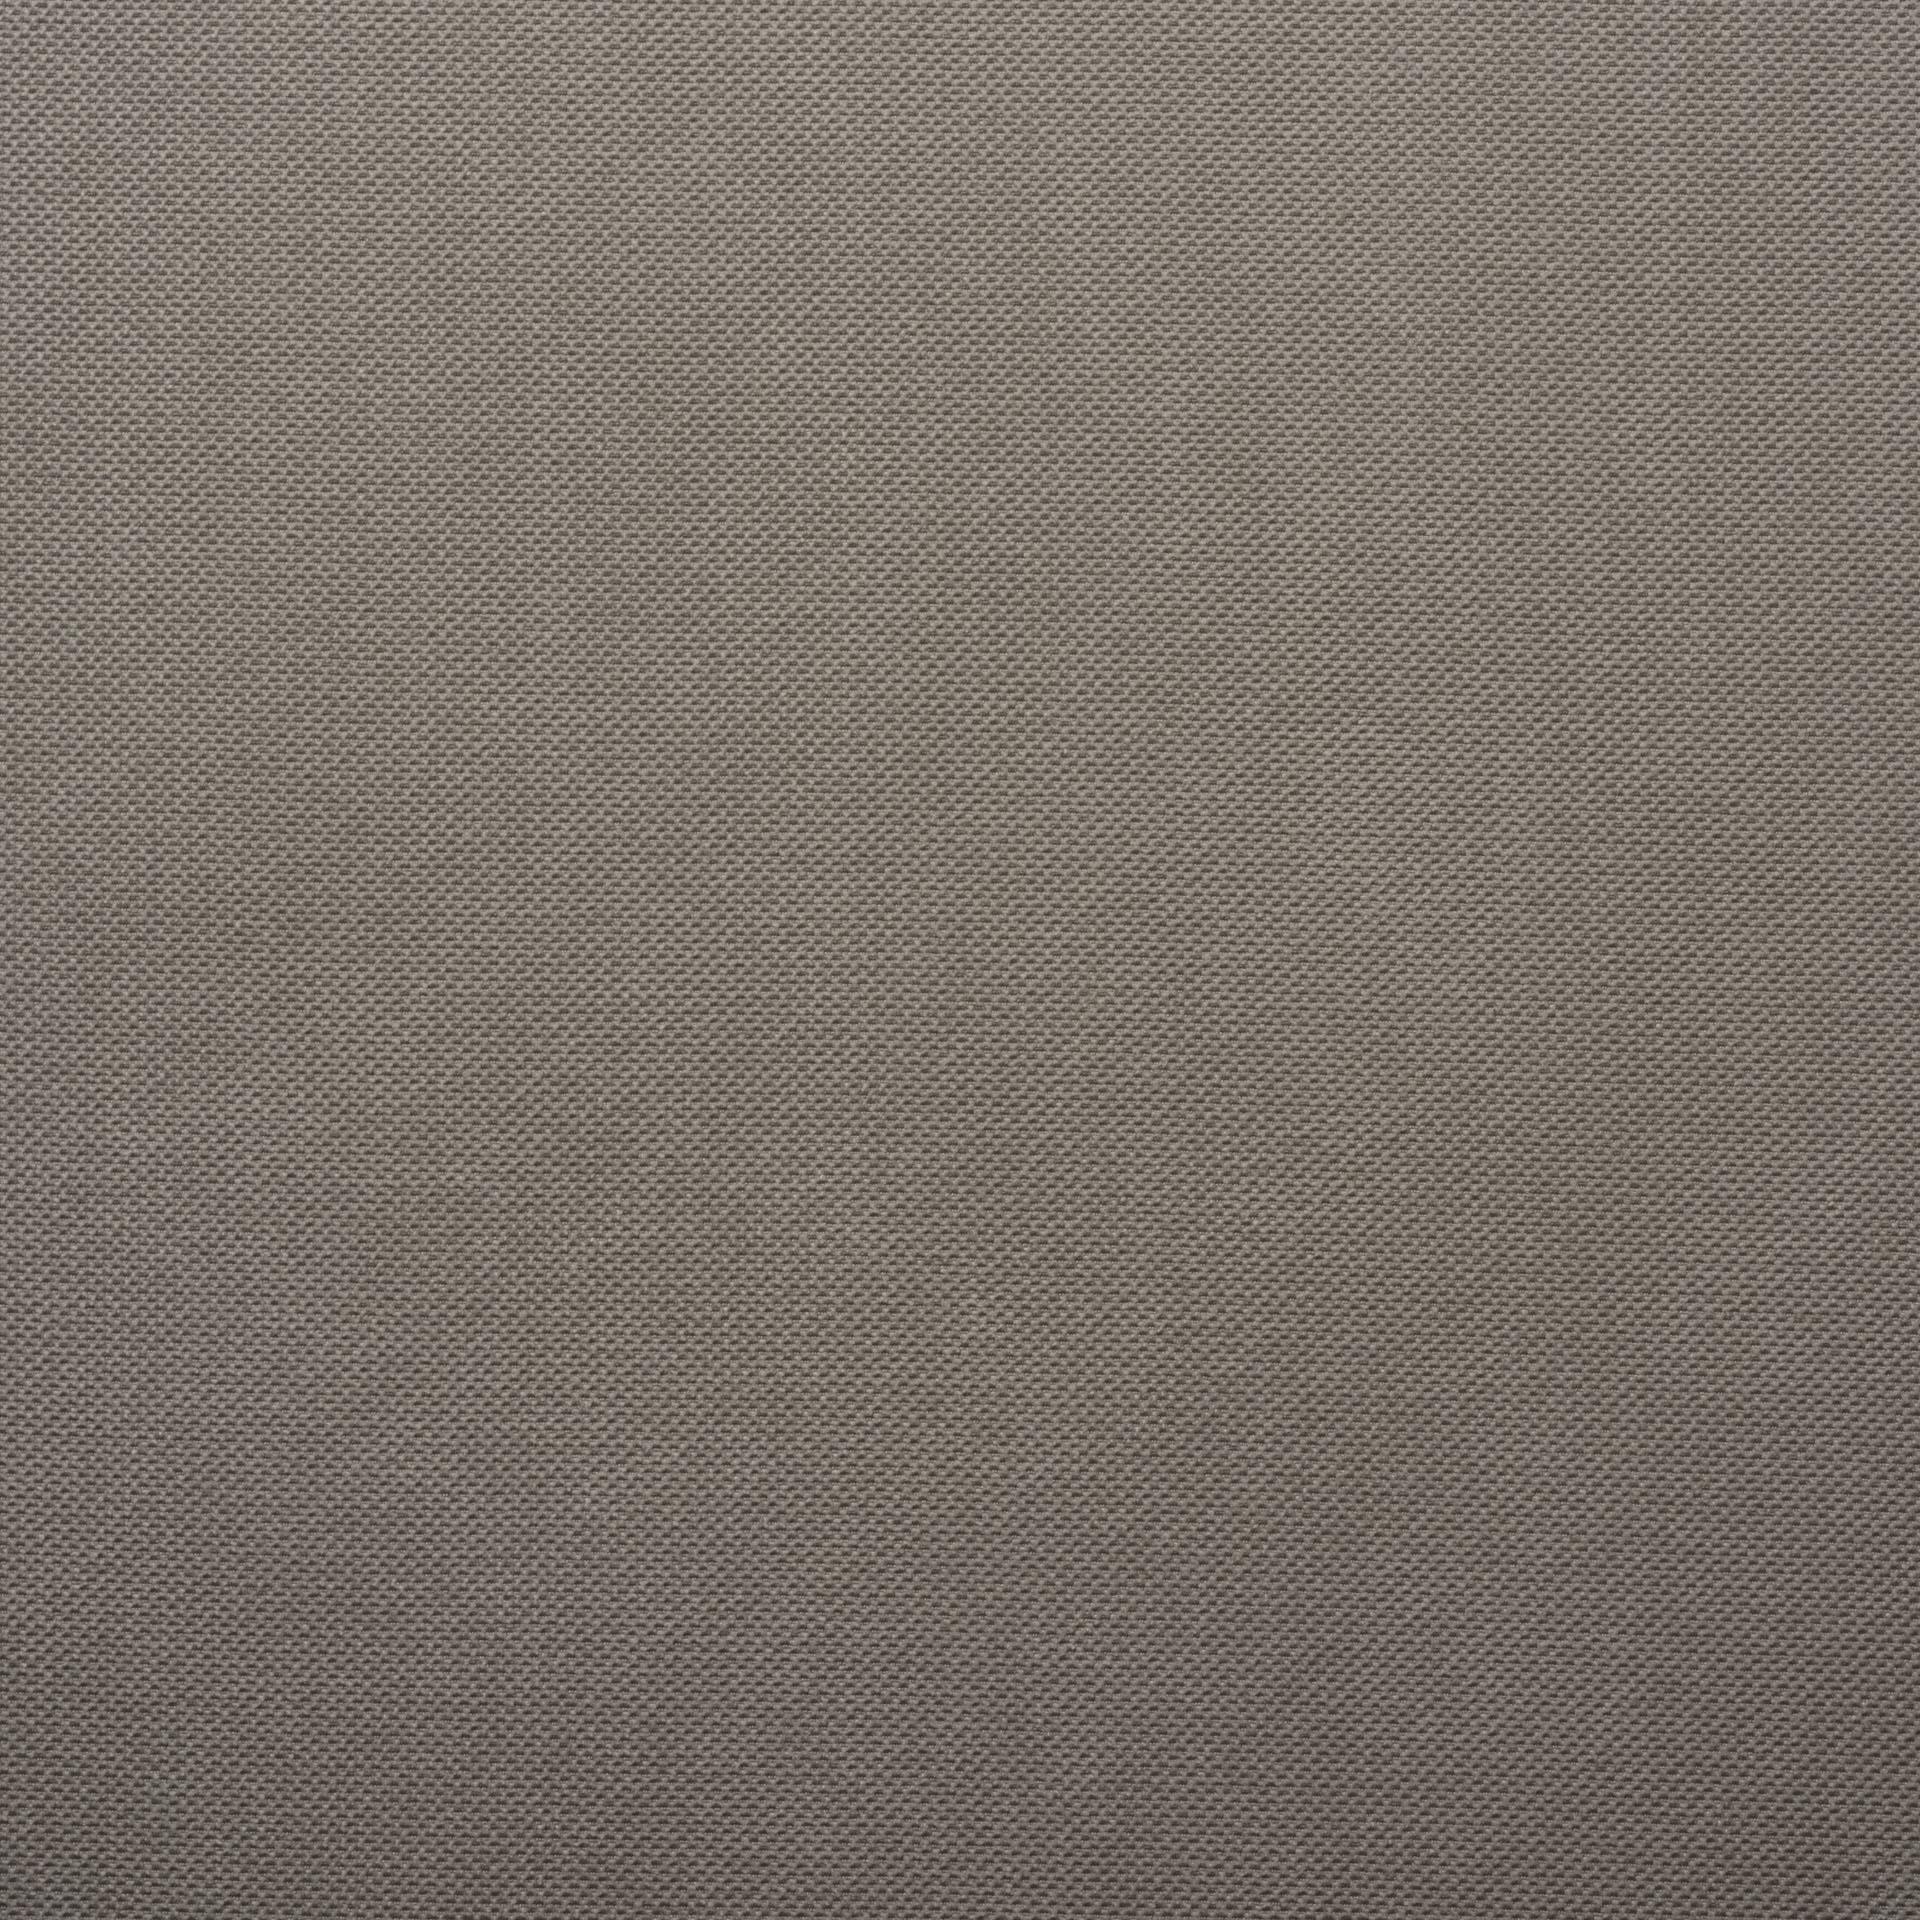 Коллекция ткани Стэнли 01 TIMBERWOLF,  купить ткань Жаккард для мебели Украина